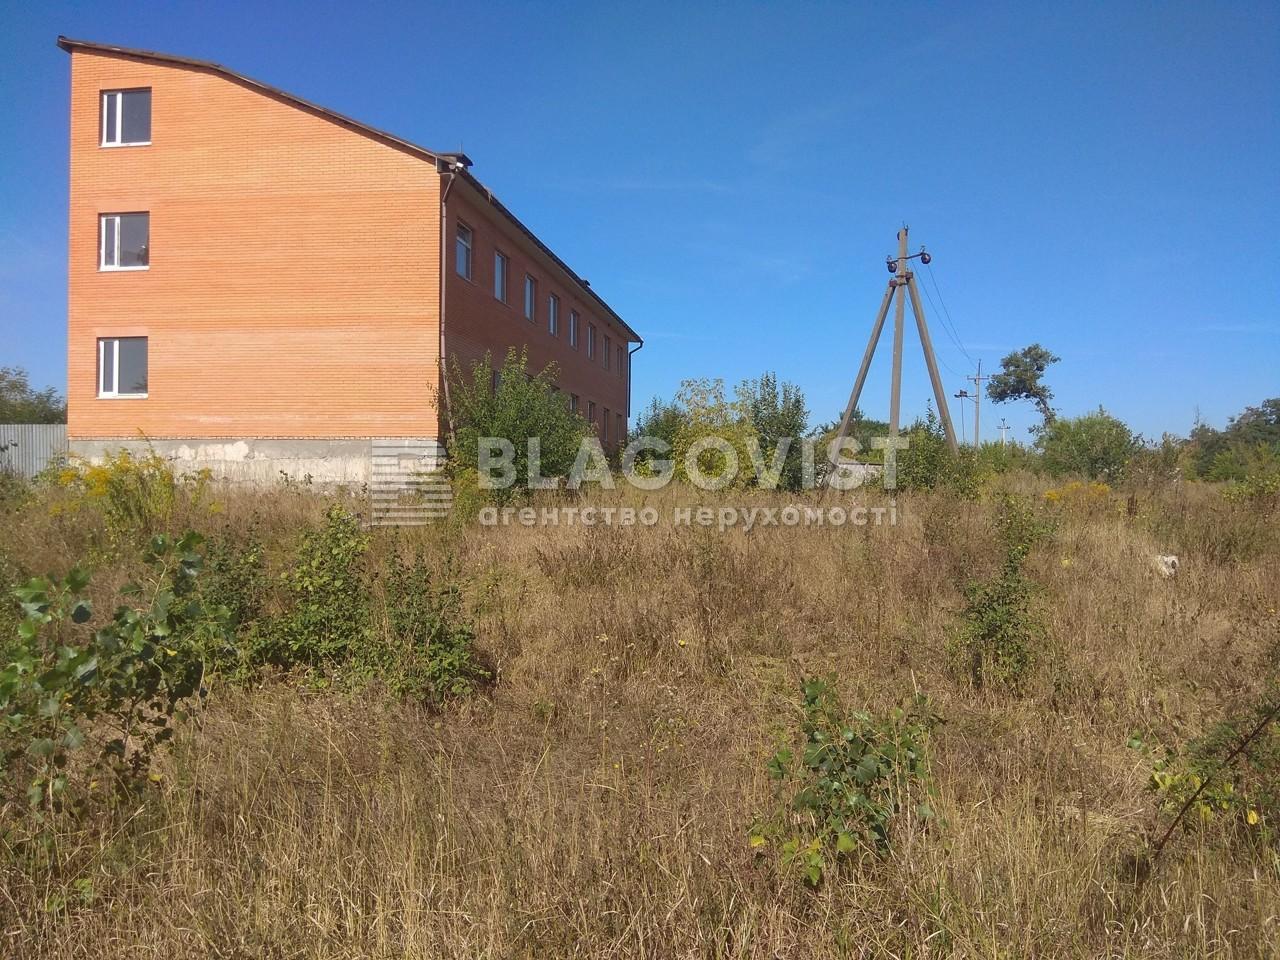 Производственное помещение, M-35880, Лишня - Фото 10